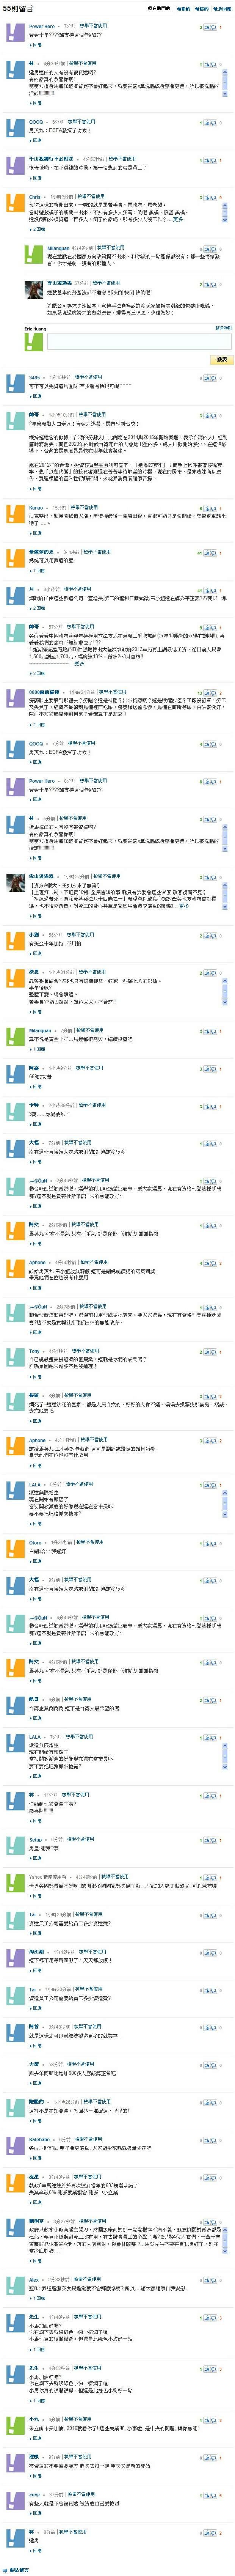 資遣員工廠商 新北增逾千家-2012.08.28-02